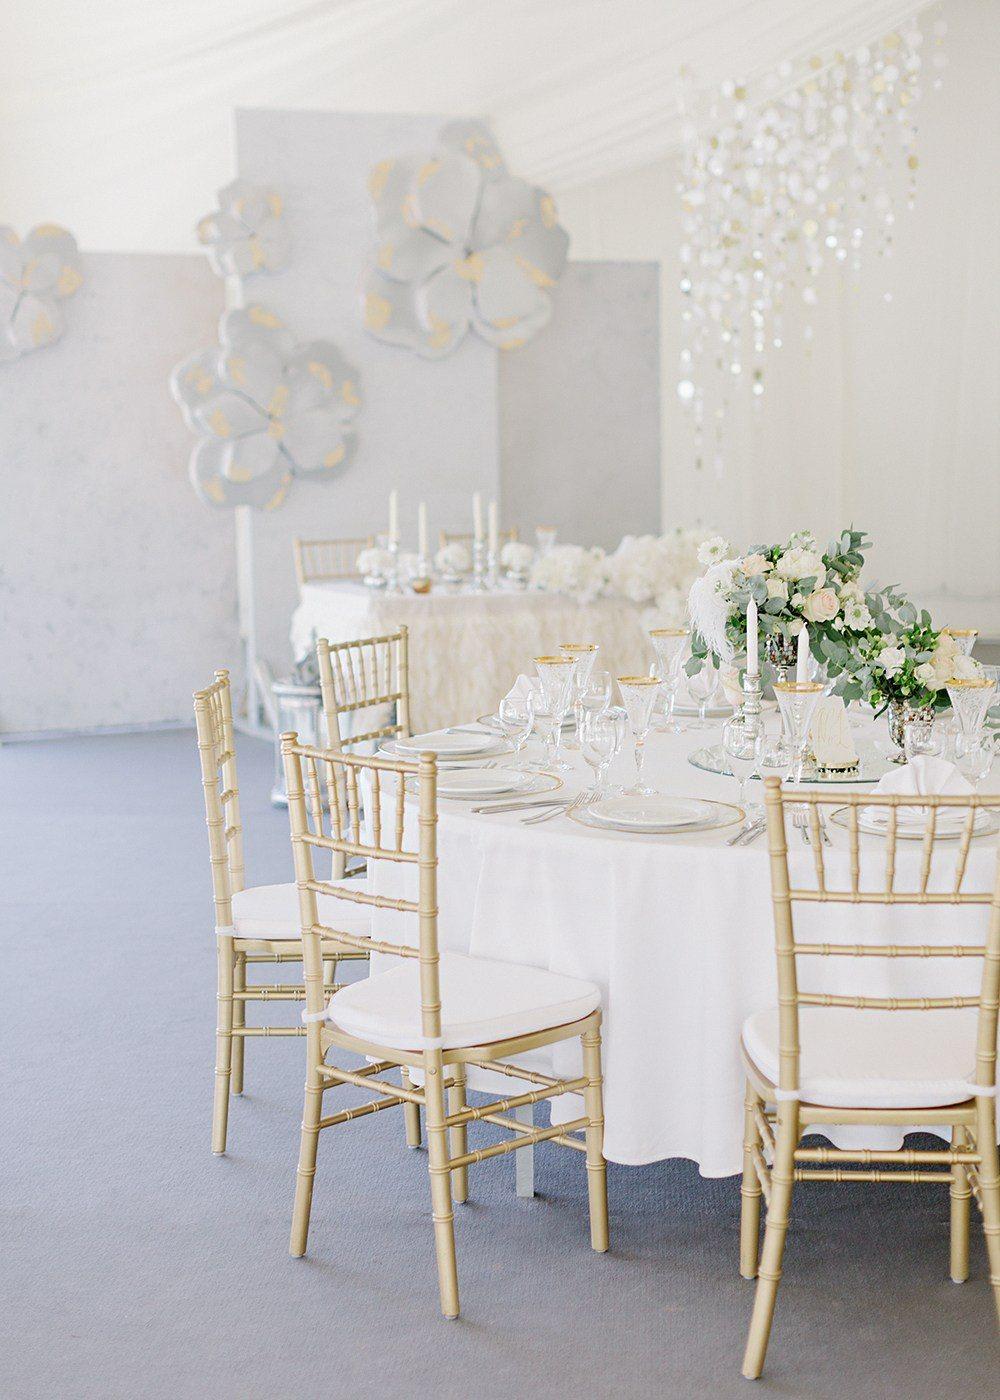 8 советов по организации свадьбы в стиле «минимализм»